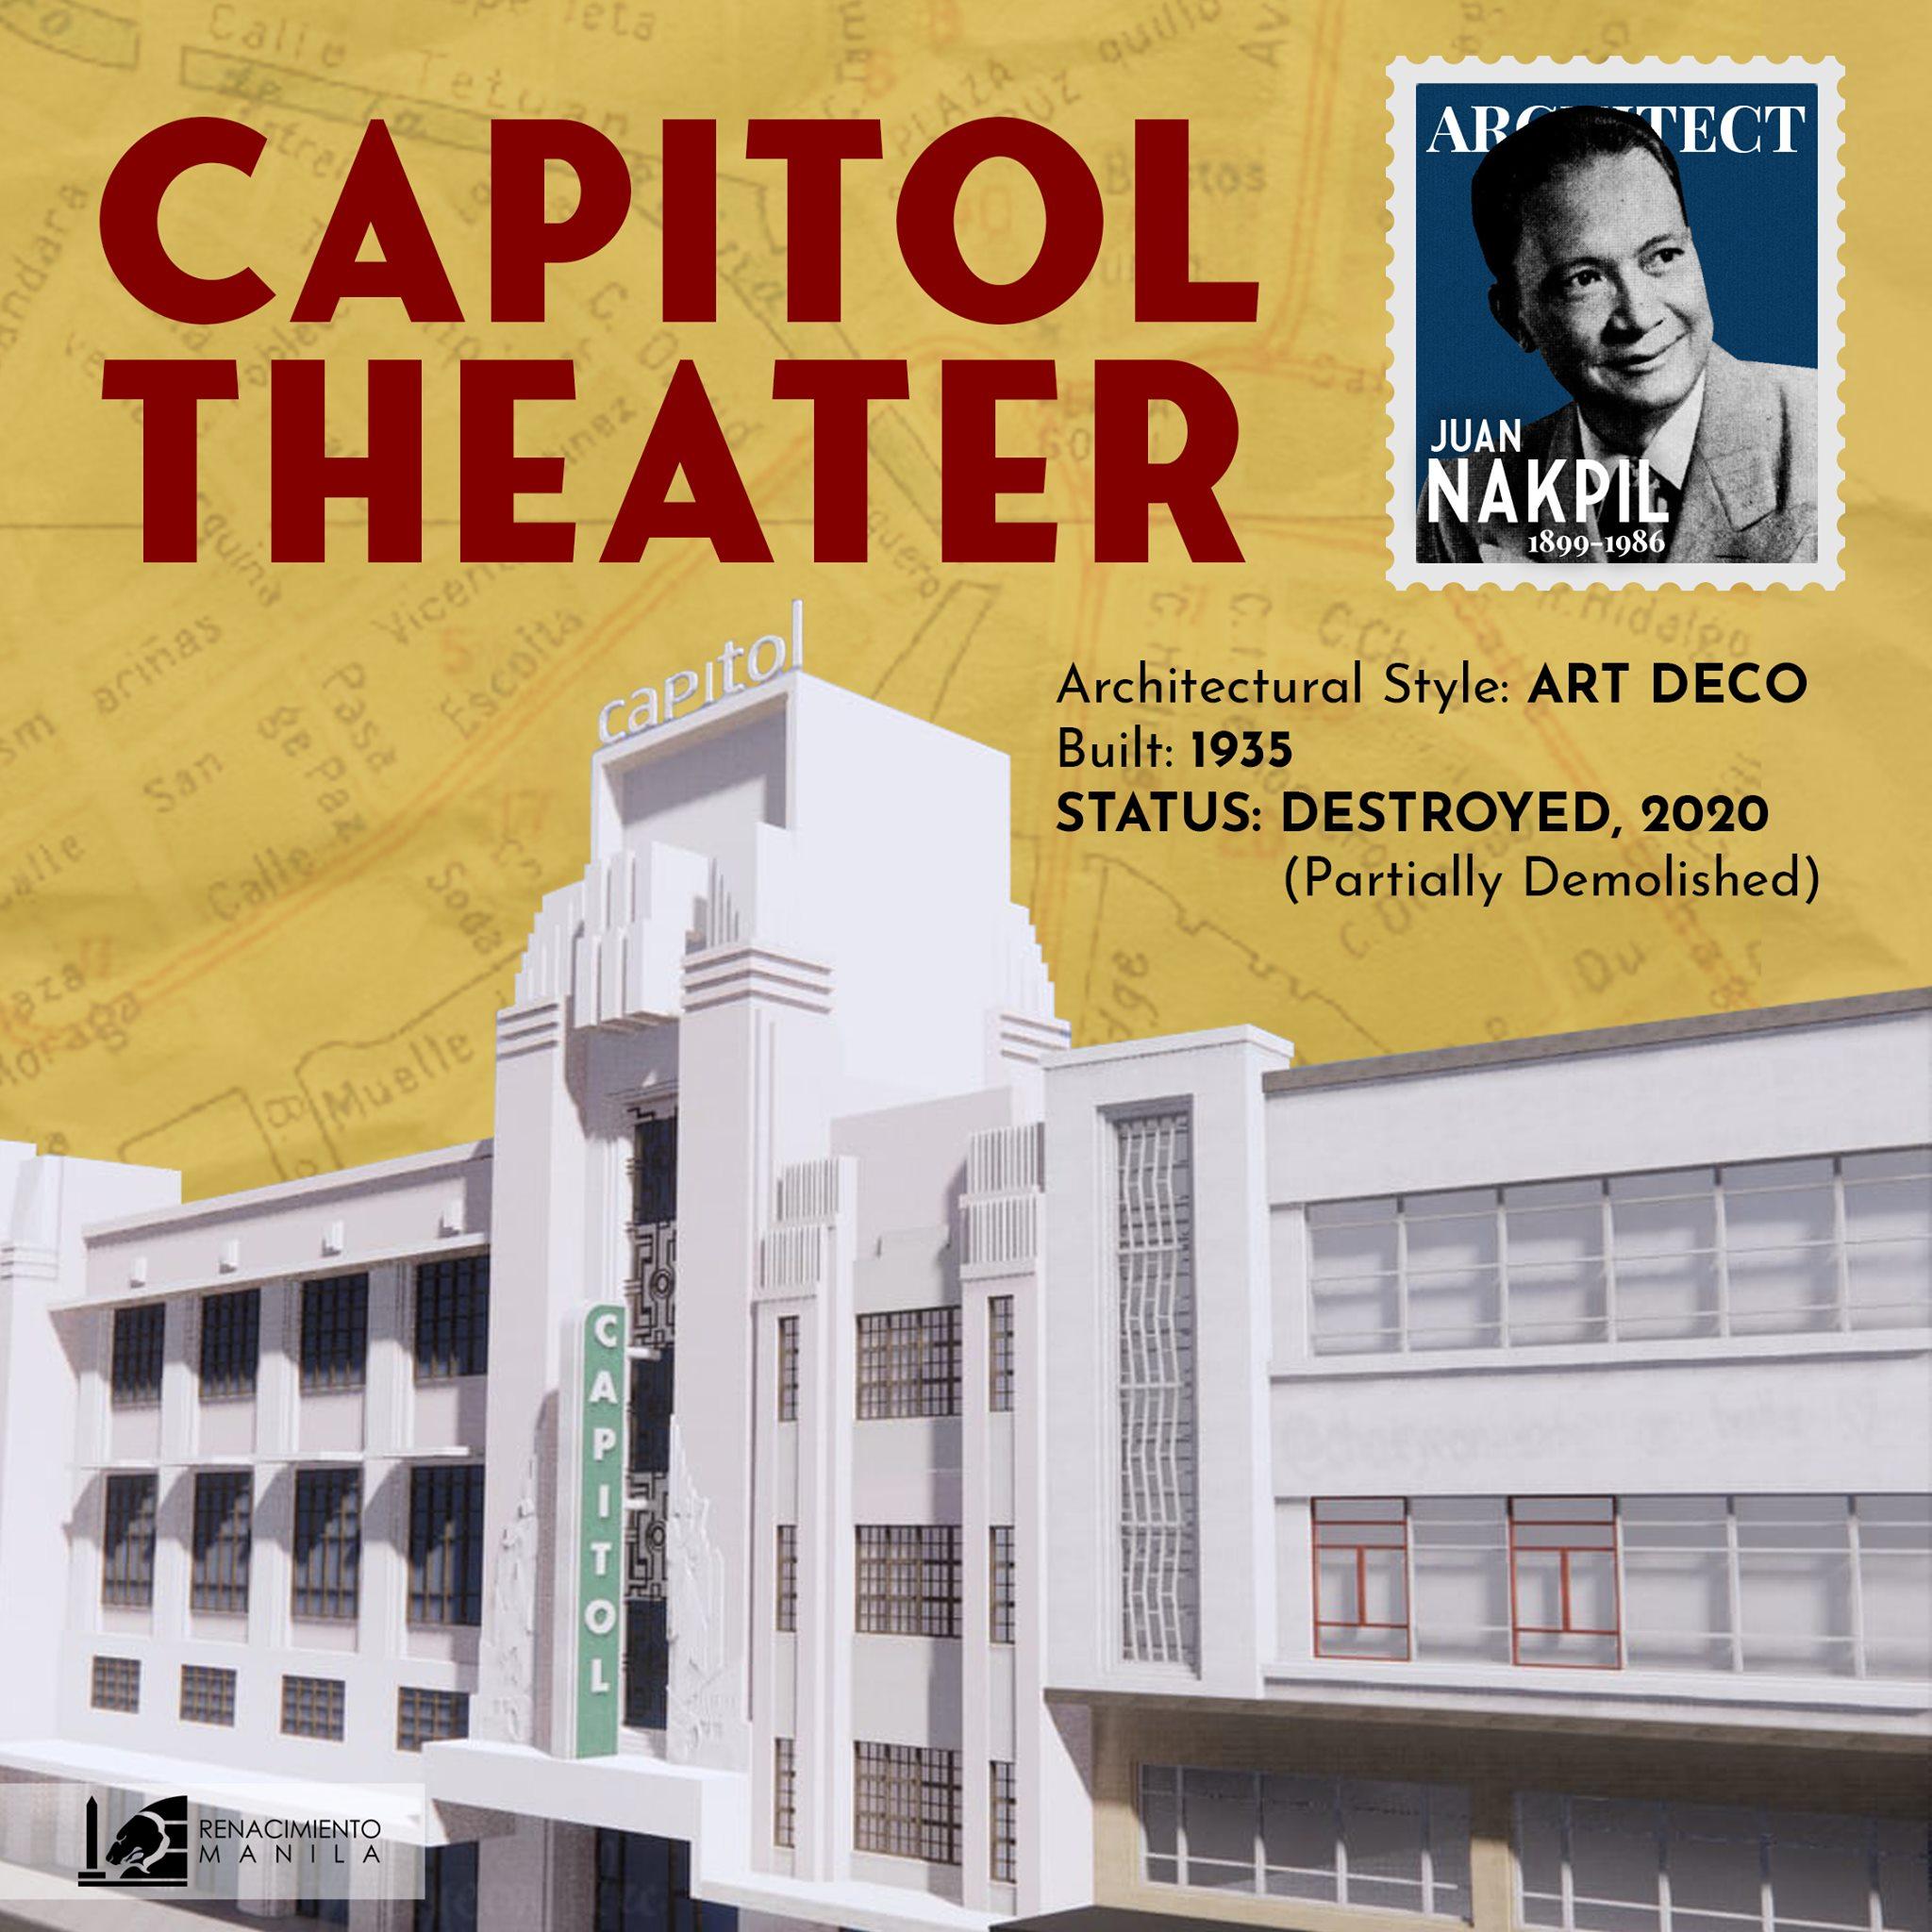 Capitol Theater - Juan Nakpil (1899-1986)